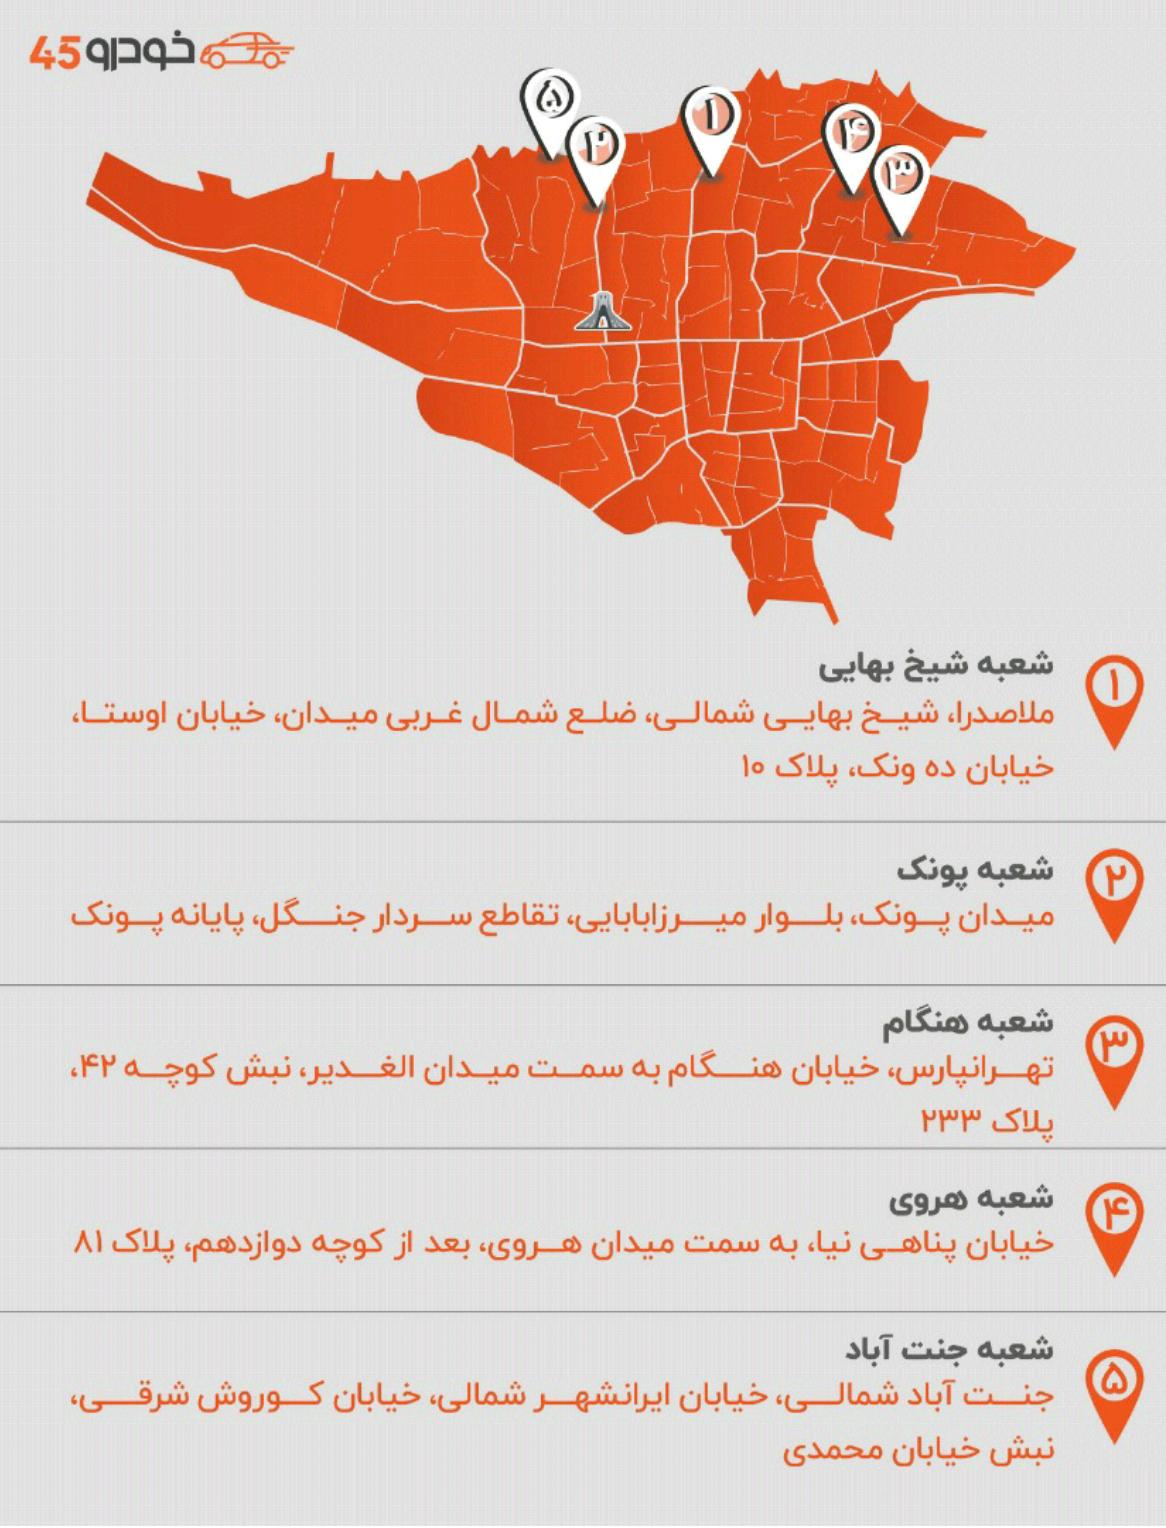 شعبه های خودرد 45 در سراسر ایران توسعه می یابد